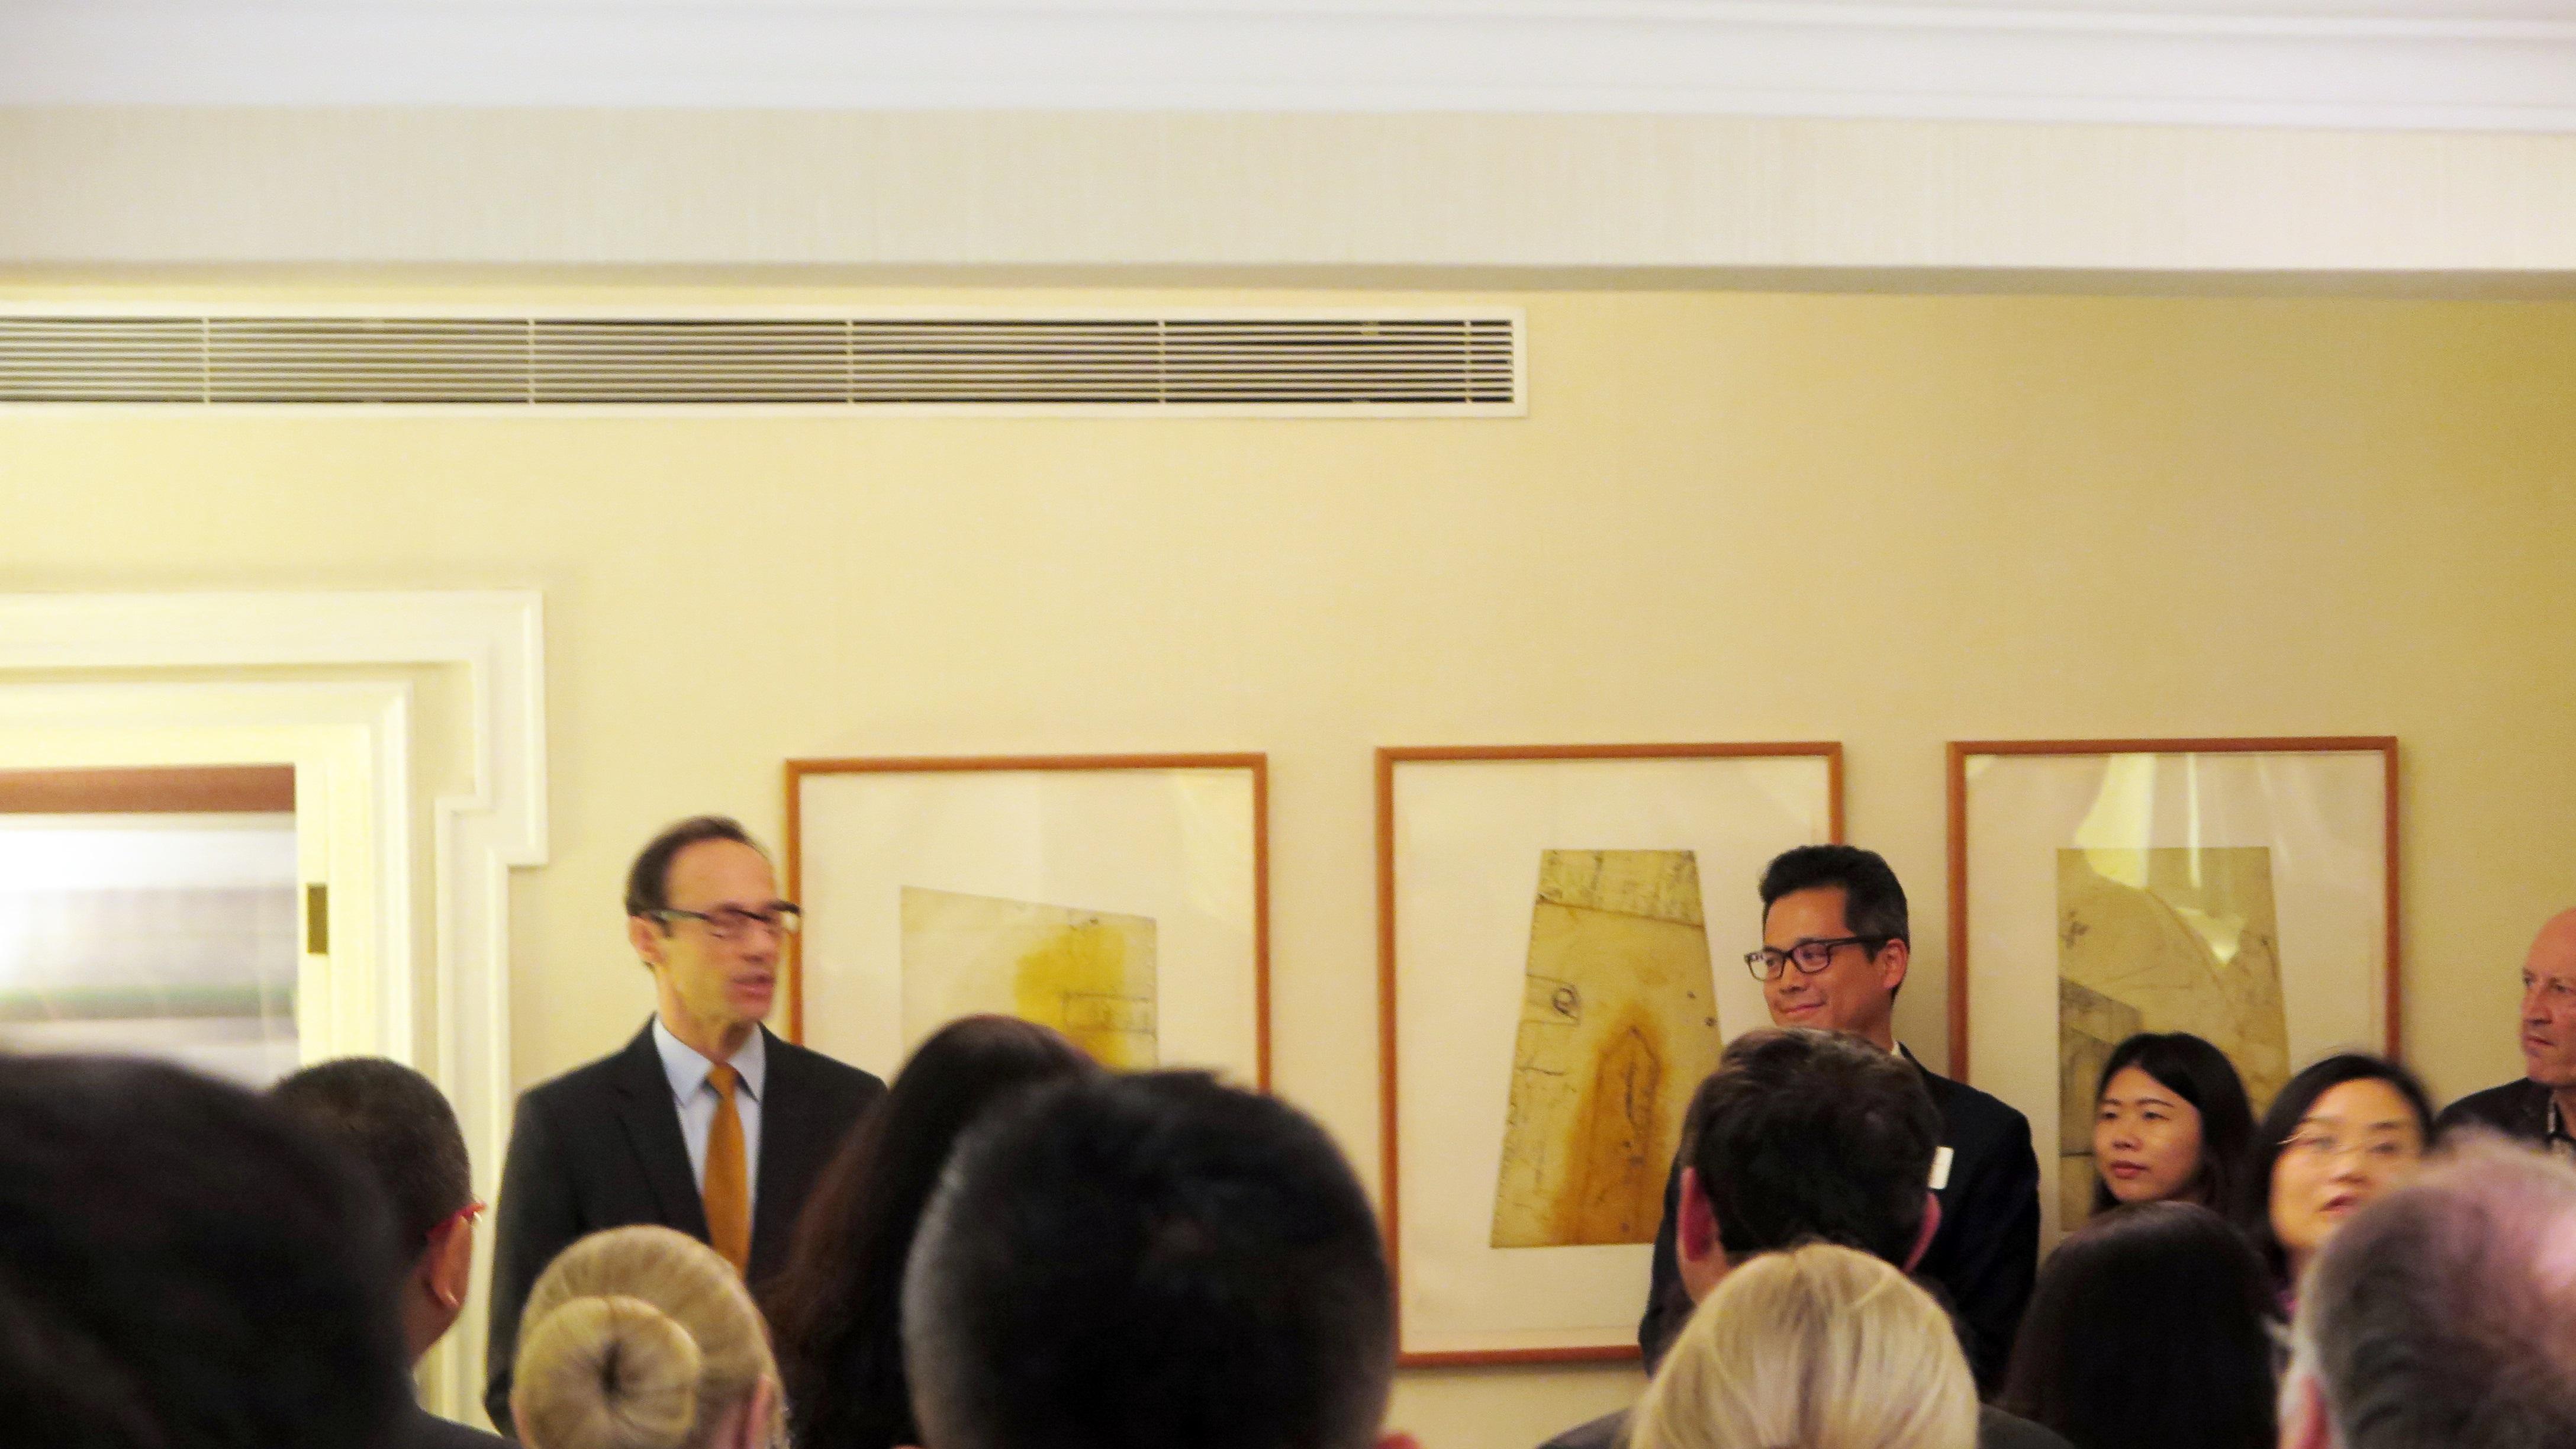 加拿大驻上海总领事 Mr. Epp先生 用中文发表讲话,